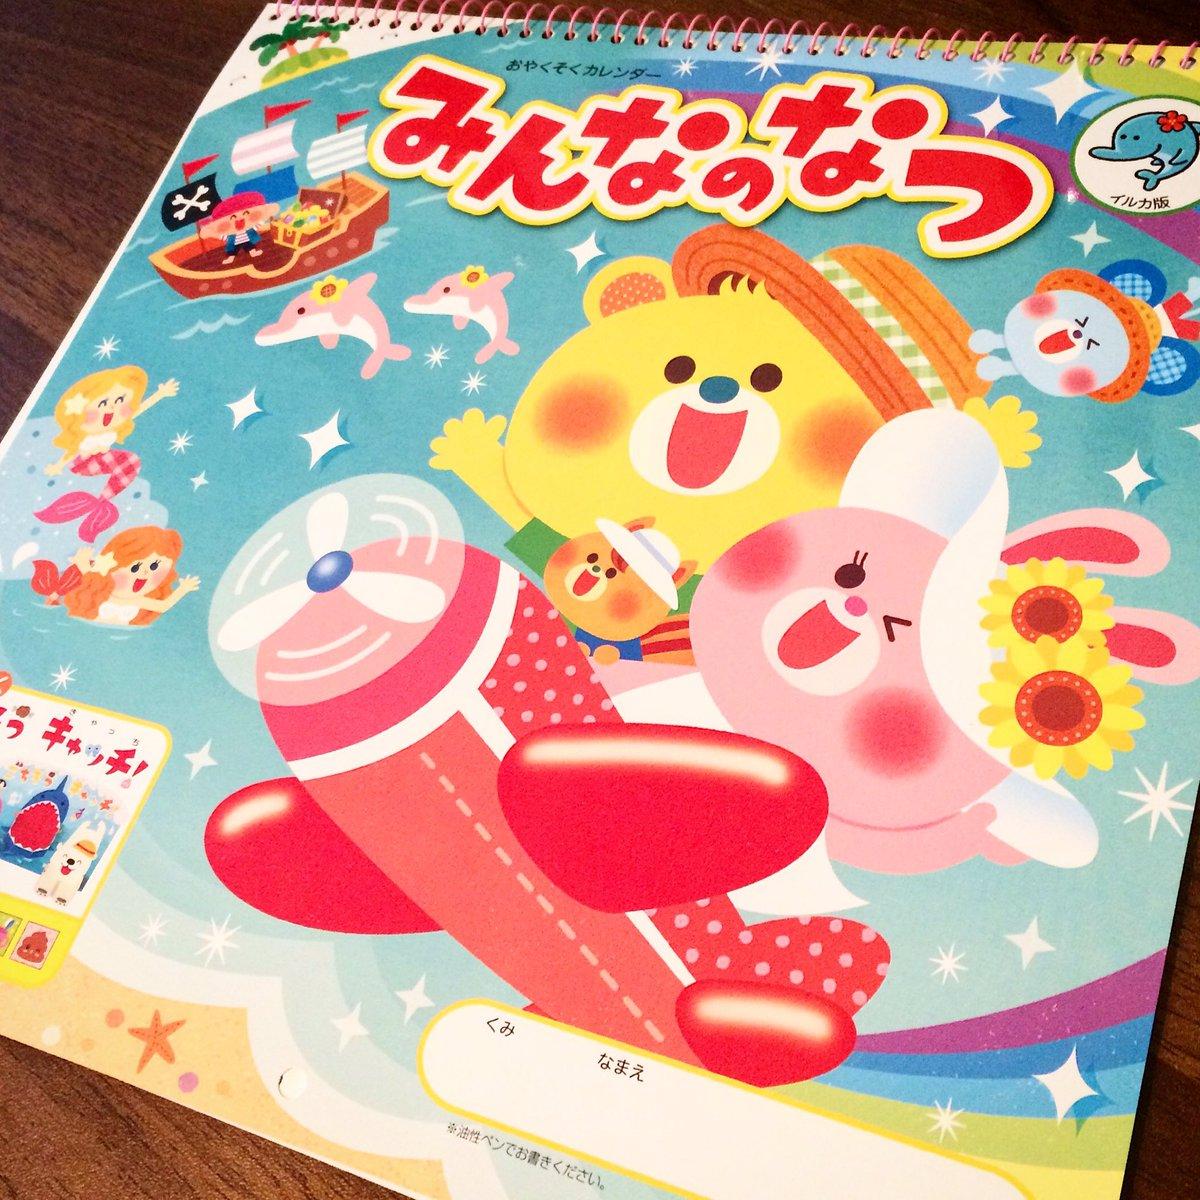 (c)nachicco, ひかりのくに, みんなのなつ, 子供, イラスト, illust, こども, おやくそく, カレンダー, おてつだい